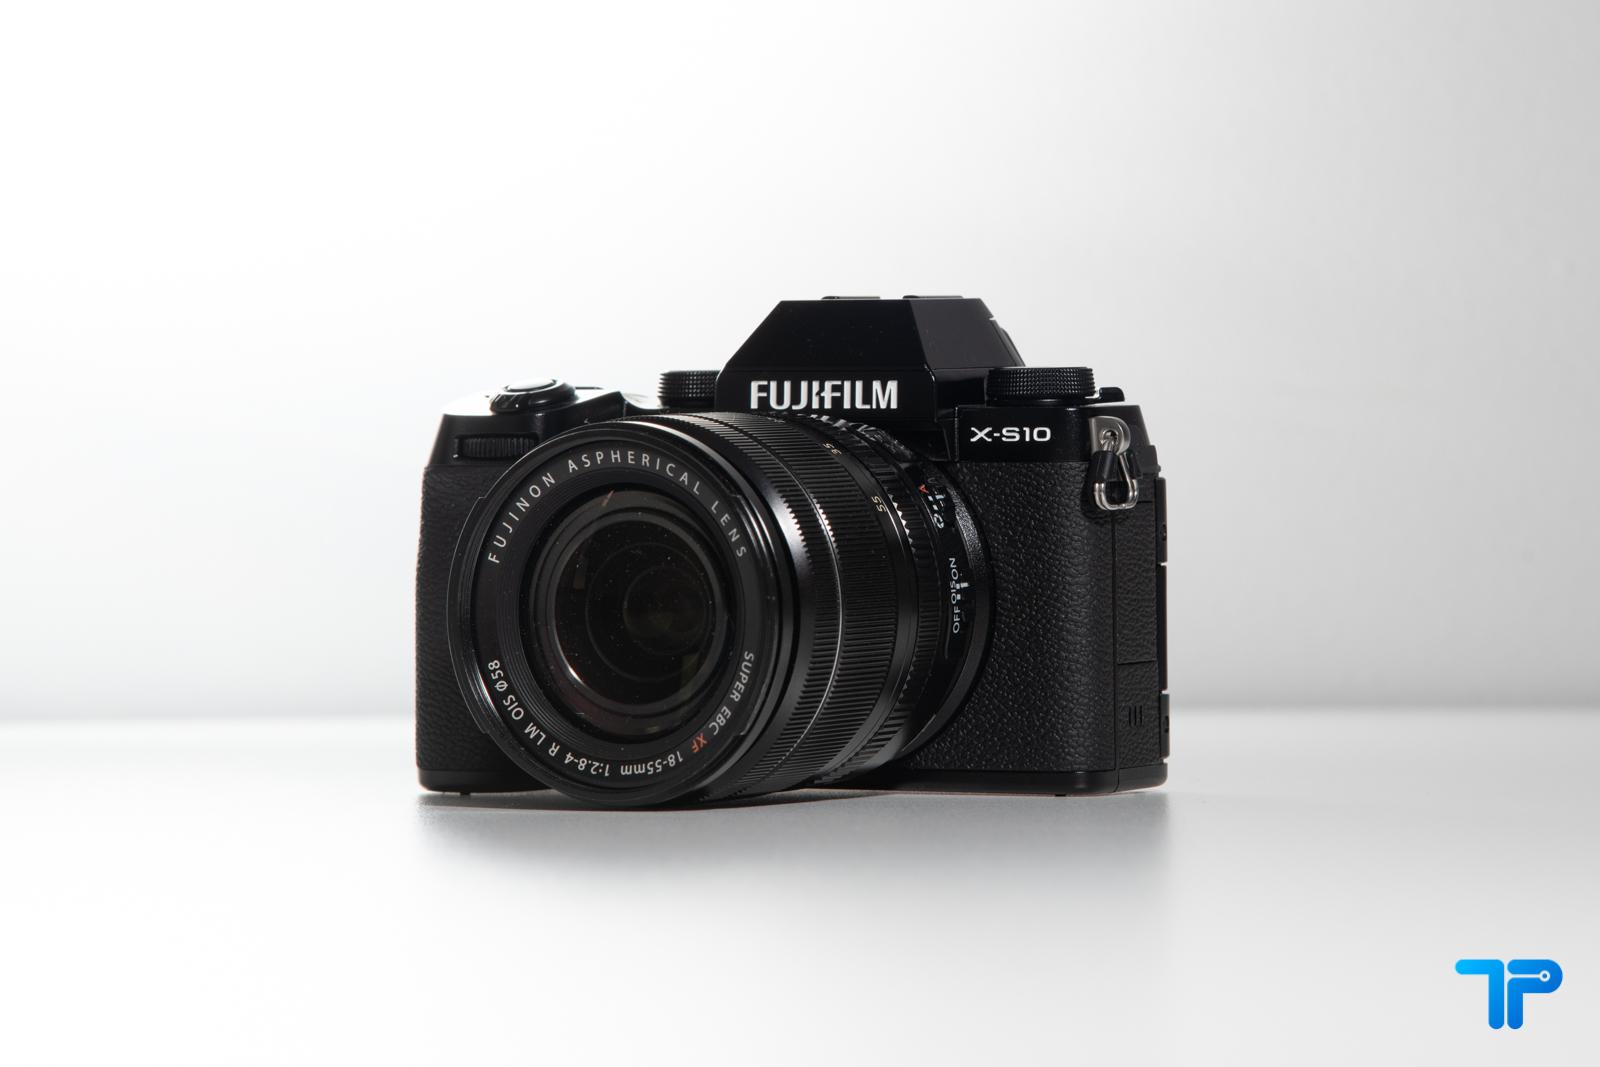 Fujifilm X-S10: provata in anteprima la nuova fotocamera Fujifilm thumbnail